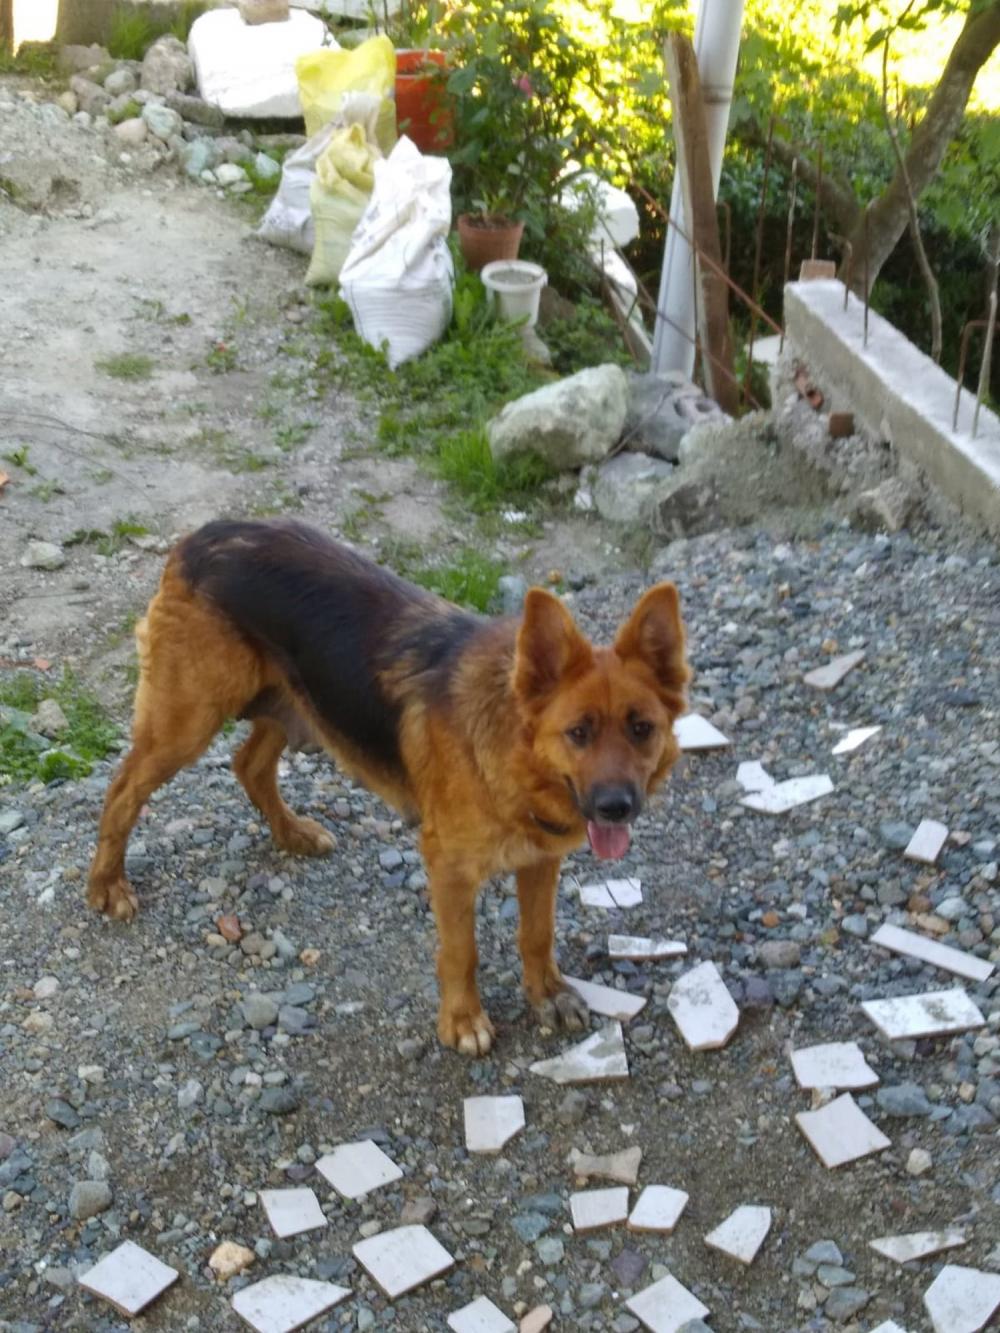 Trabzon'da 3 köpeğin saldırısına uğrayan kadının kolu kesildi! 10